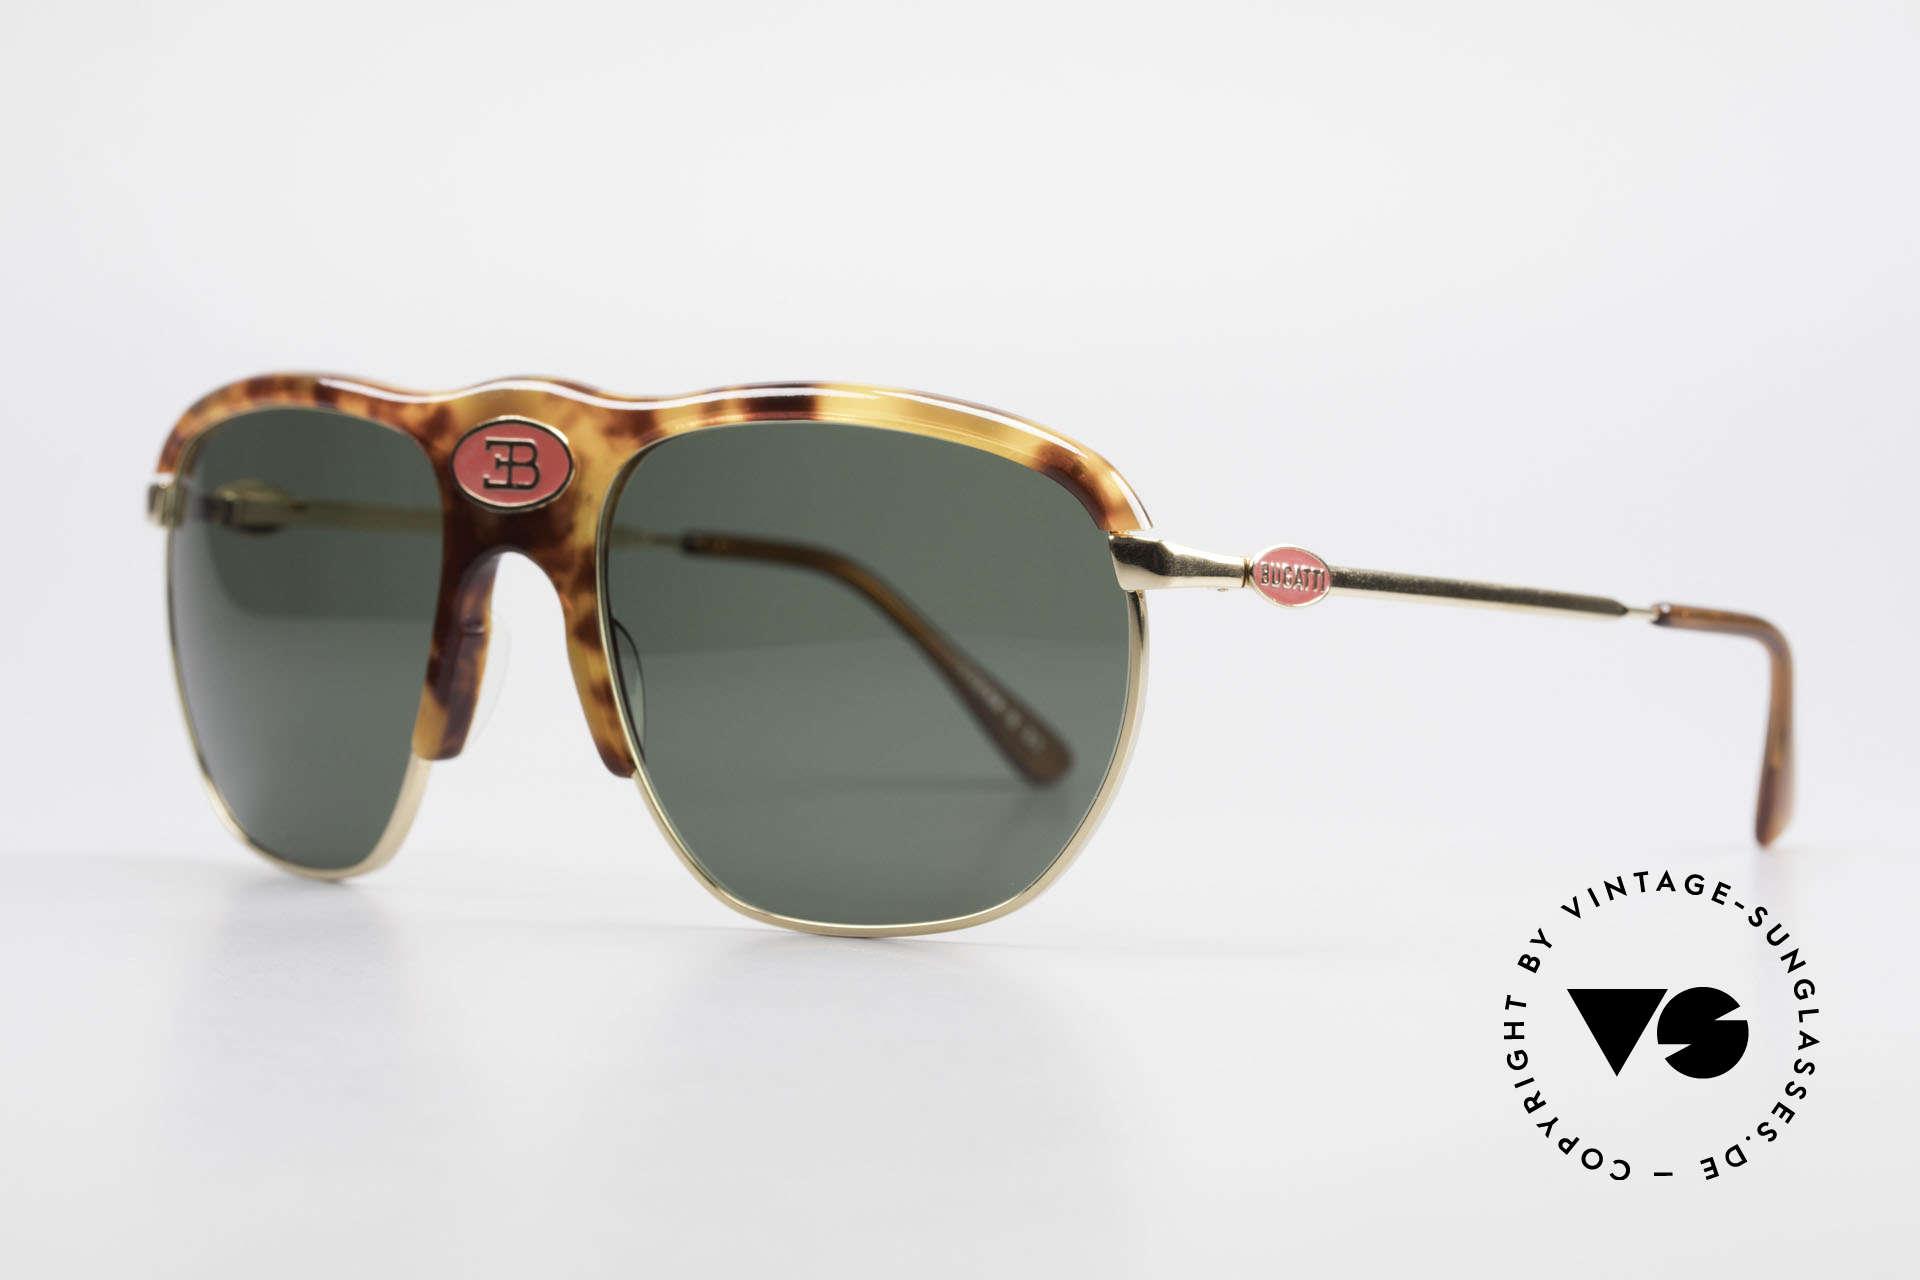 Bugatti 65218 Seltene Alte 70er Bugatti Brille, LARGE Fassung (58mm) mit zentralem Bugatti-Logo, Passend für Herren